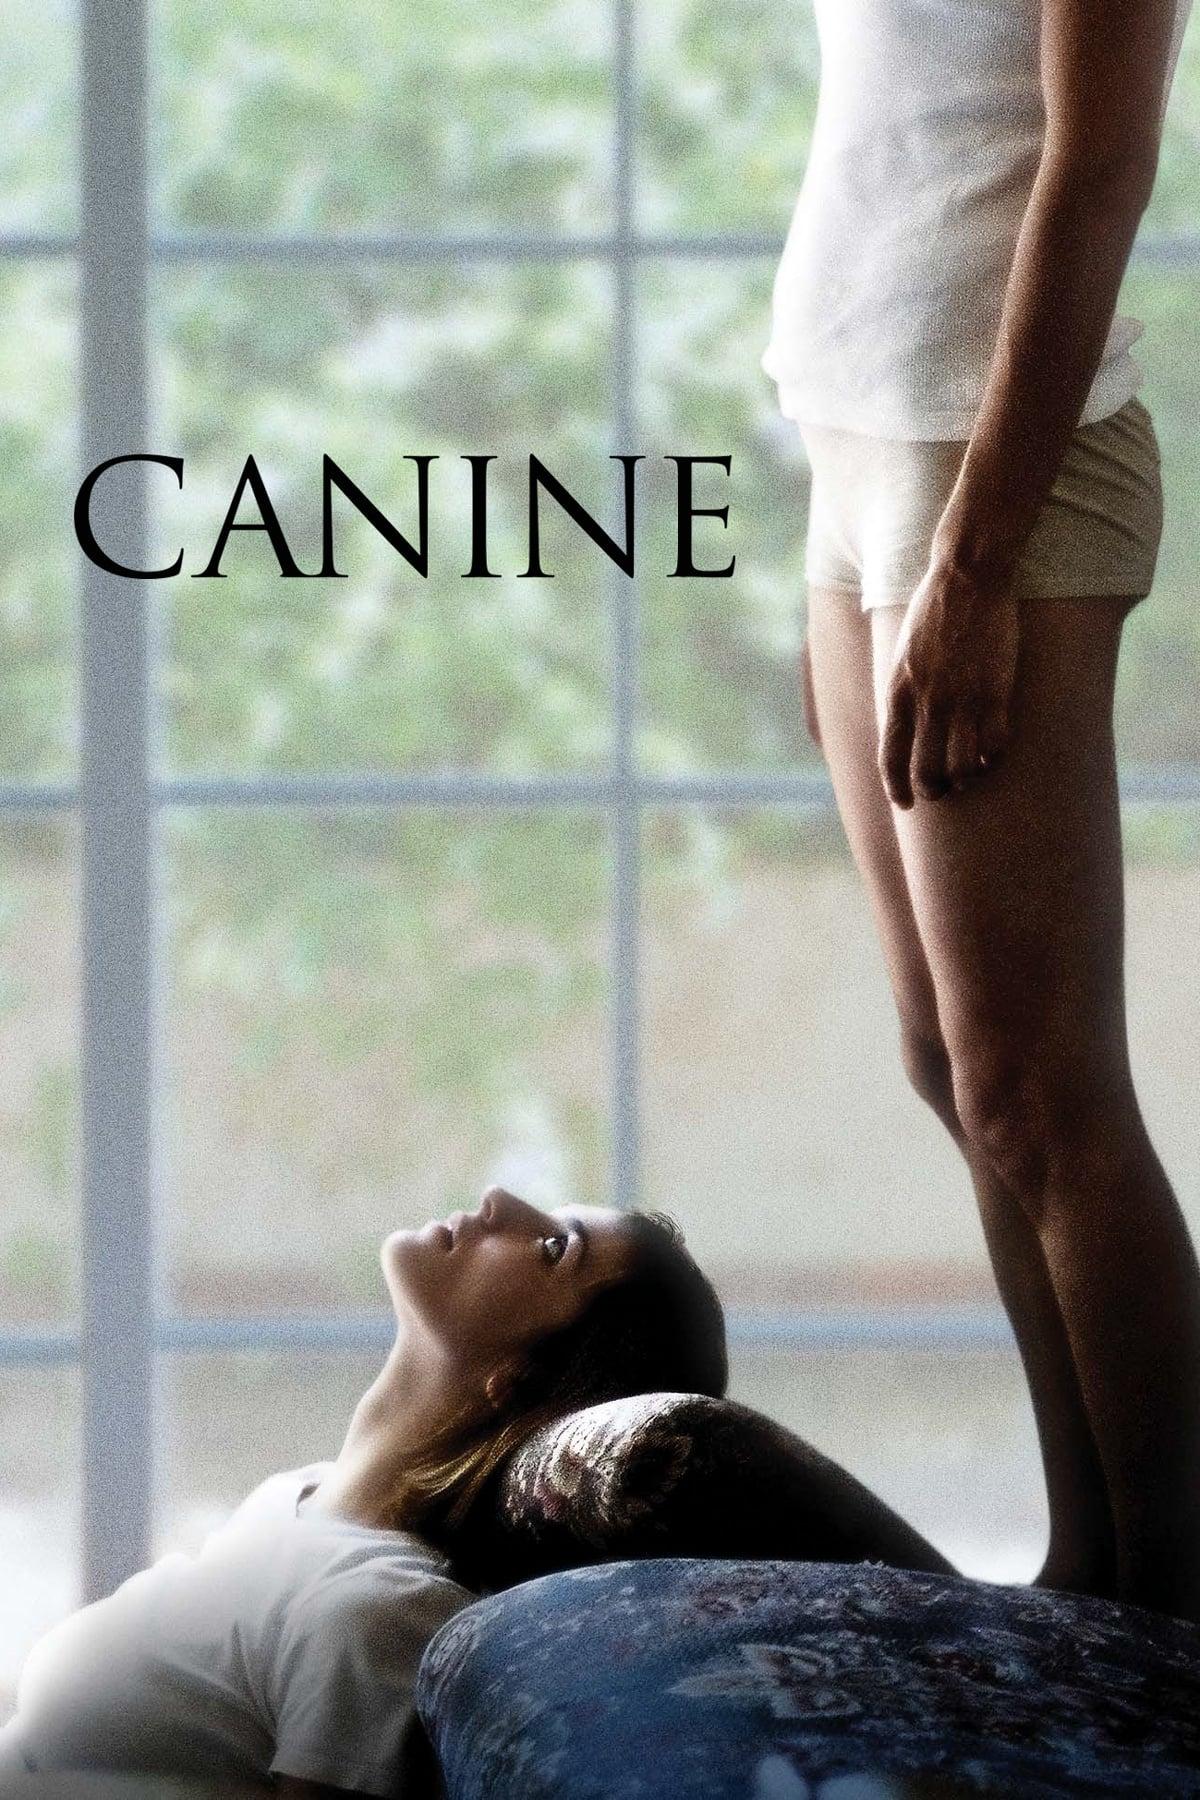 film canine 2009 en streaming vf complet filmstreaming hd com. Black Bedroom Furniture Sets. Home Design Ideas